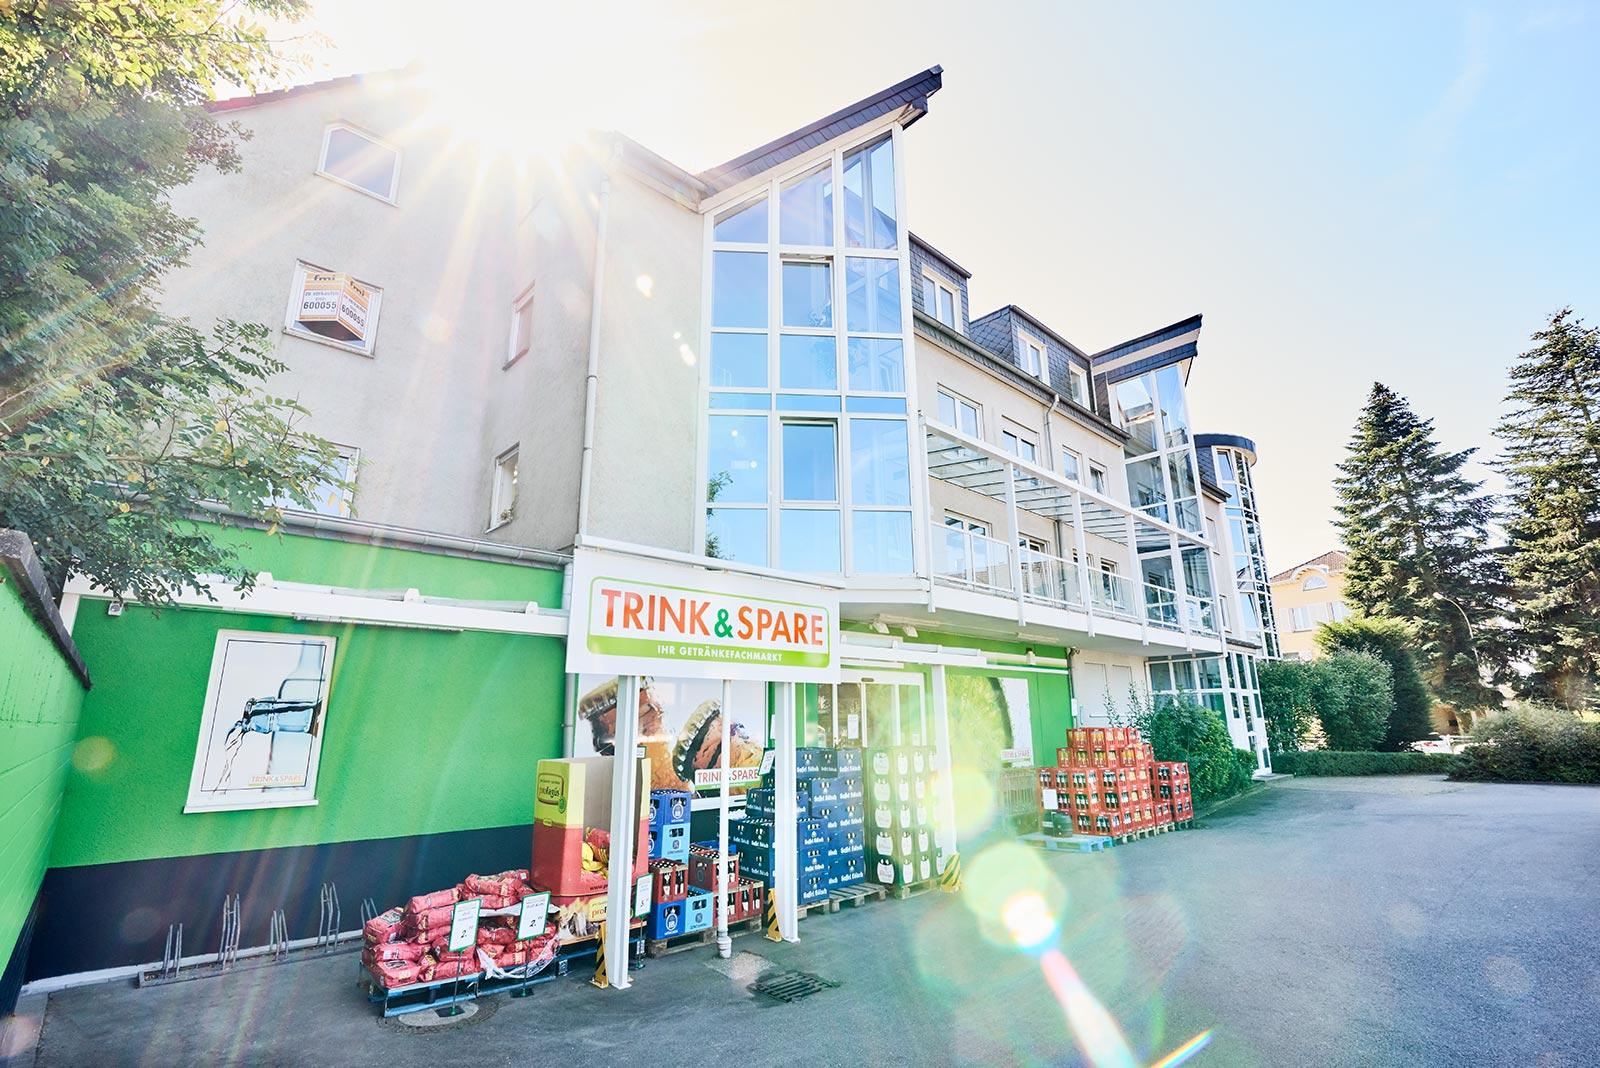 Immobilie in Remscheid (Güldenwerth): Getränkemarkt